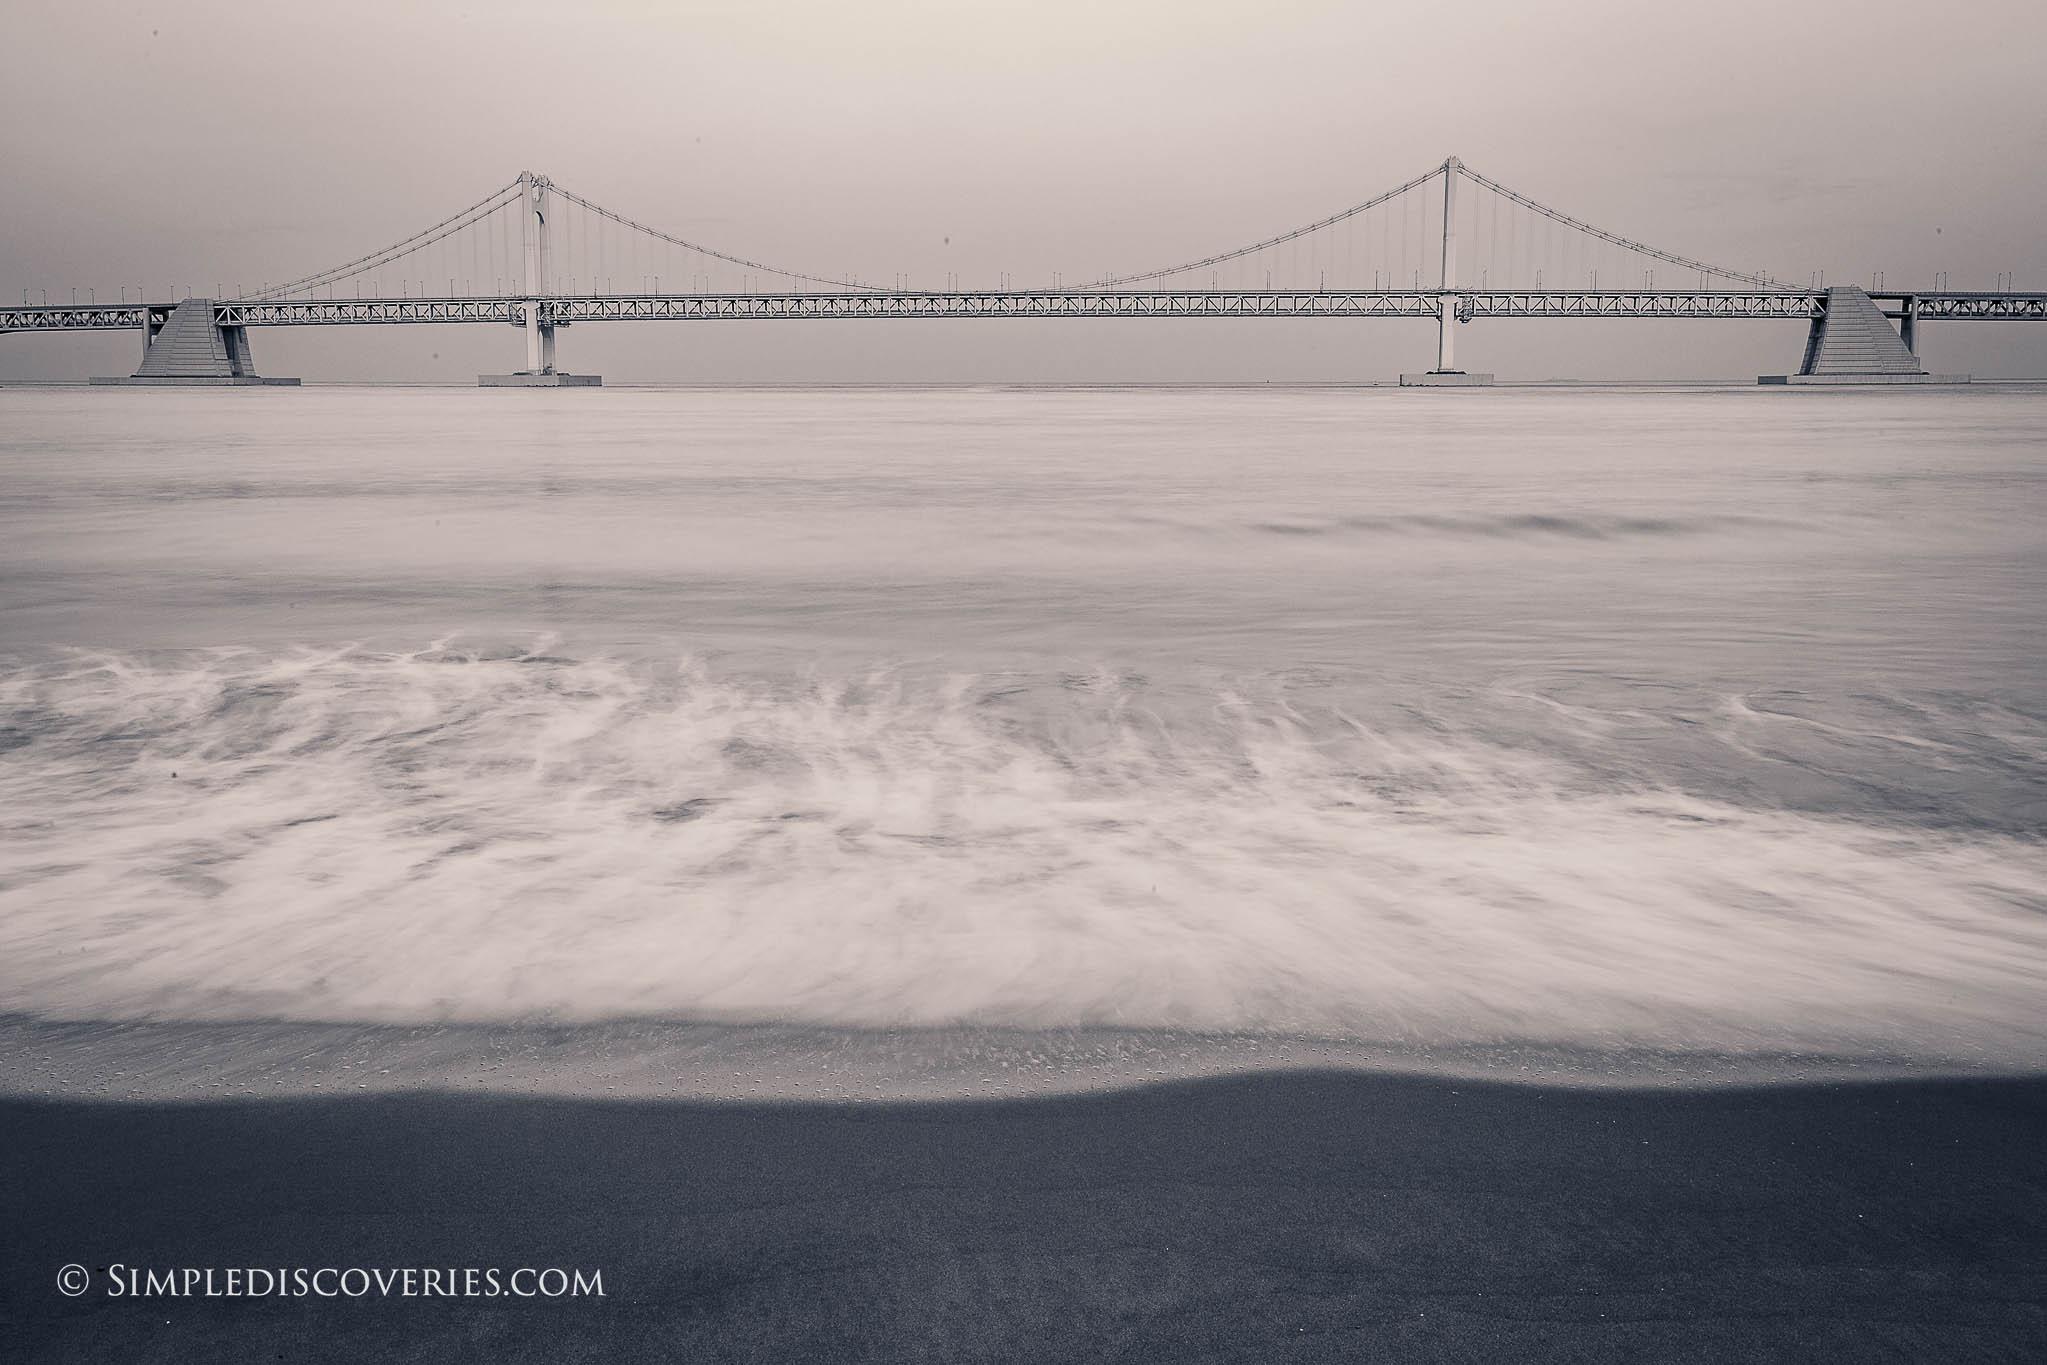 gwangalli_bridge_south_korea